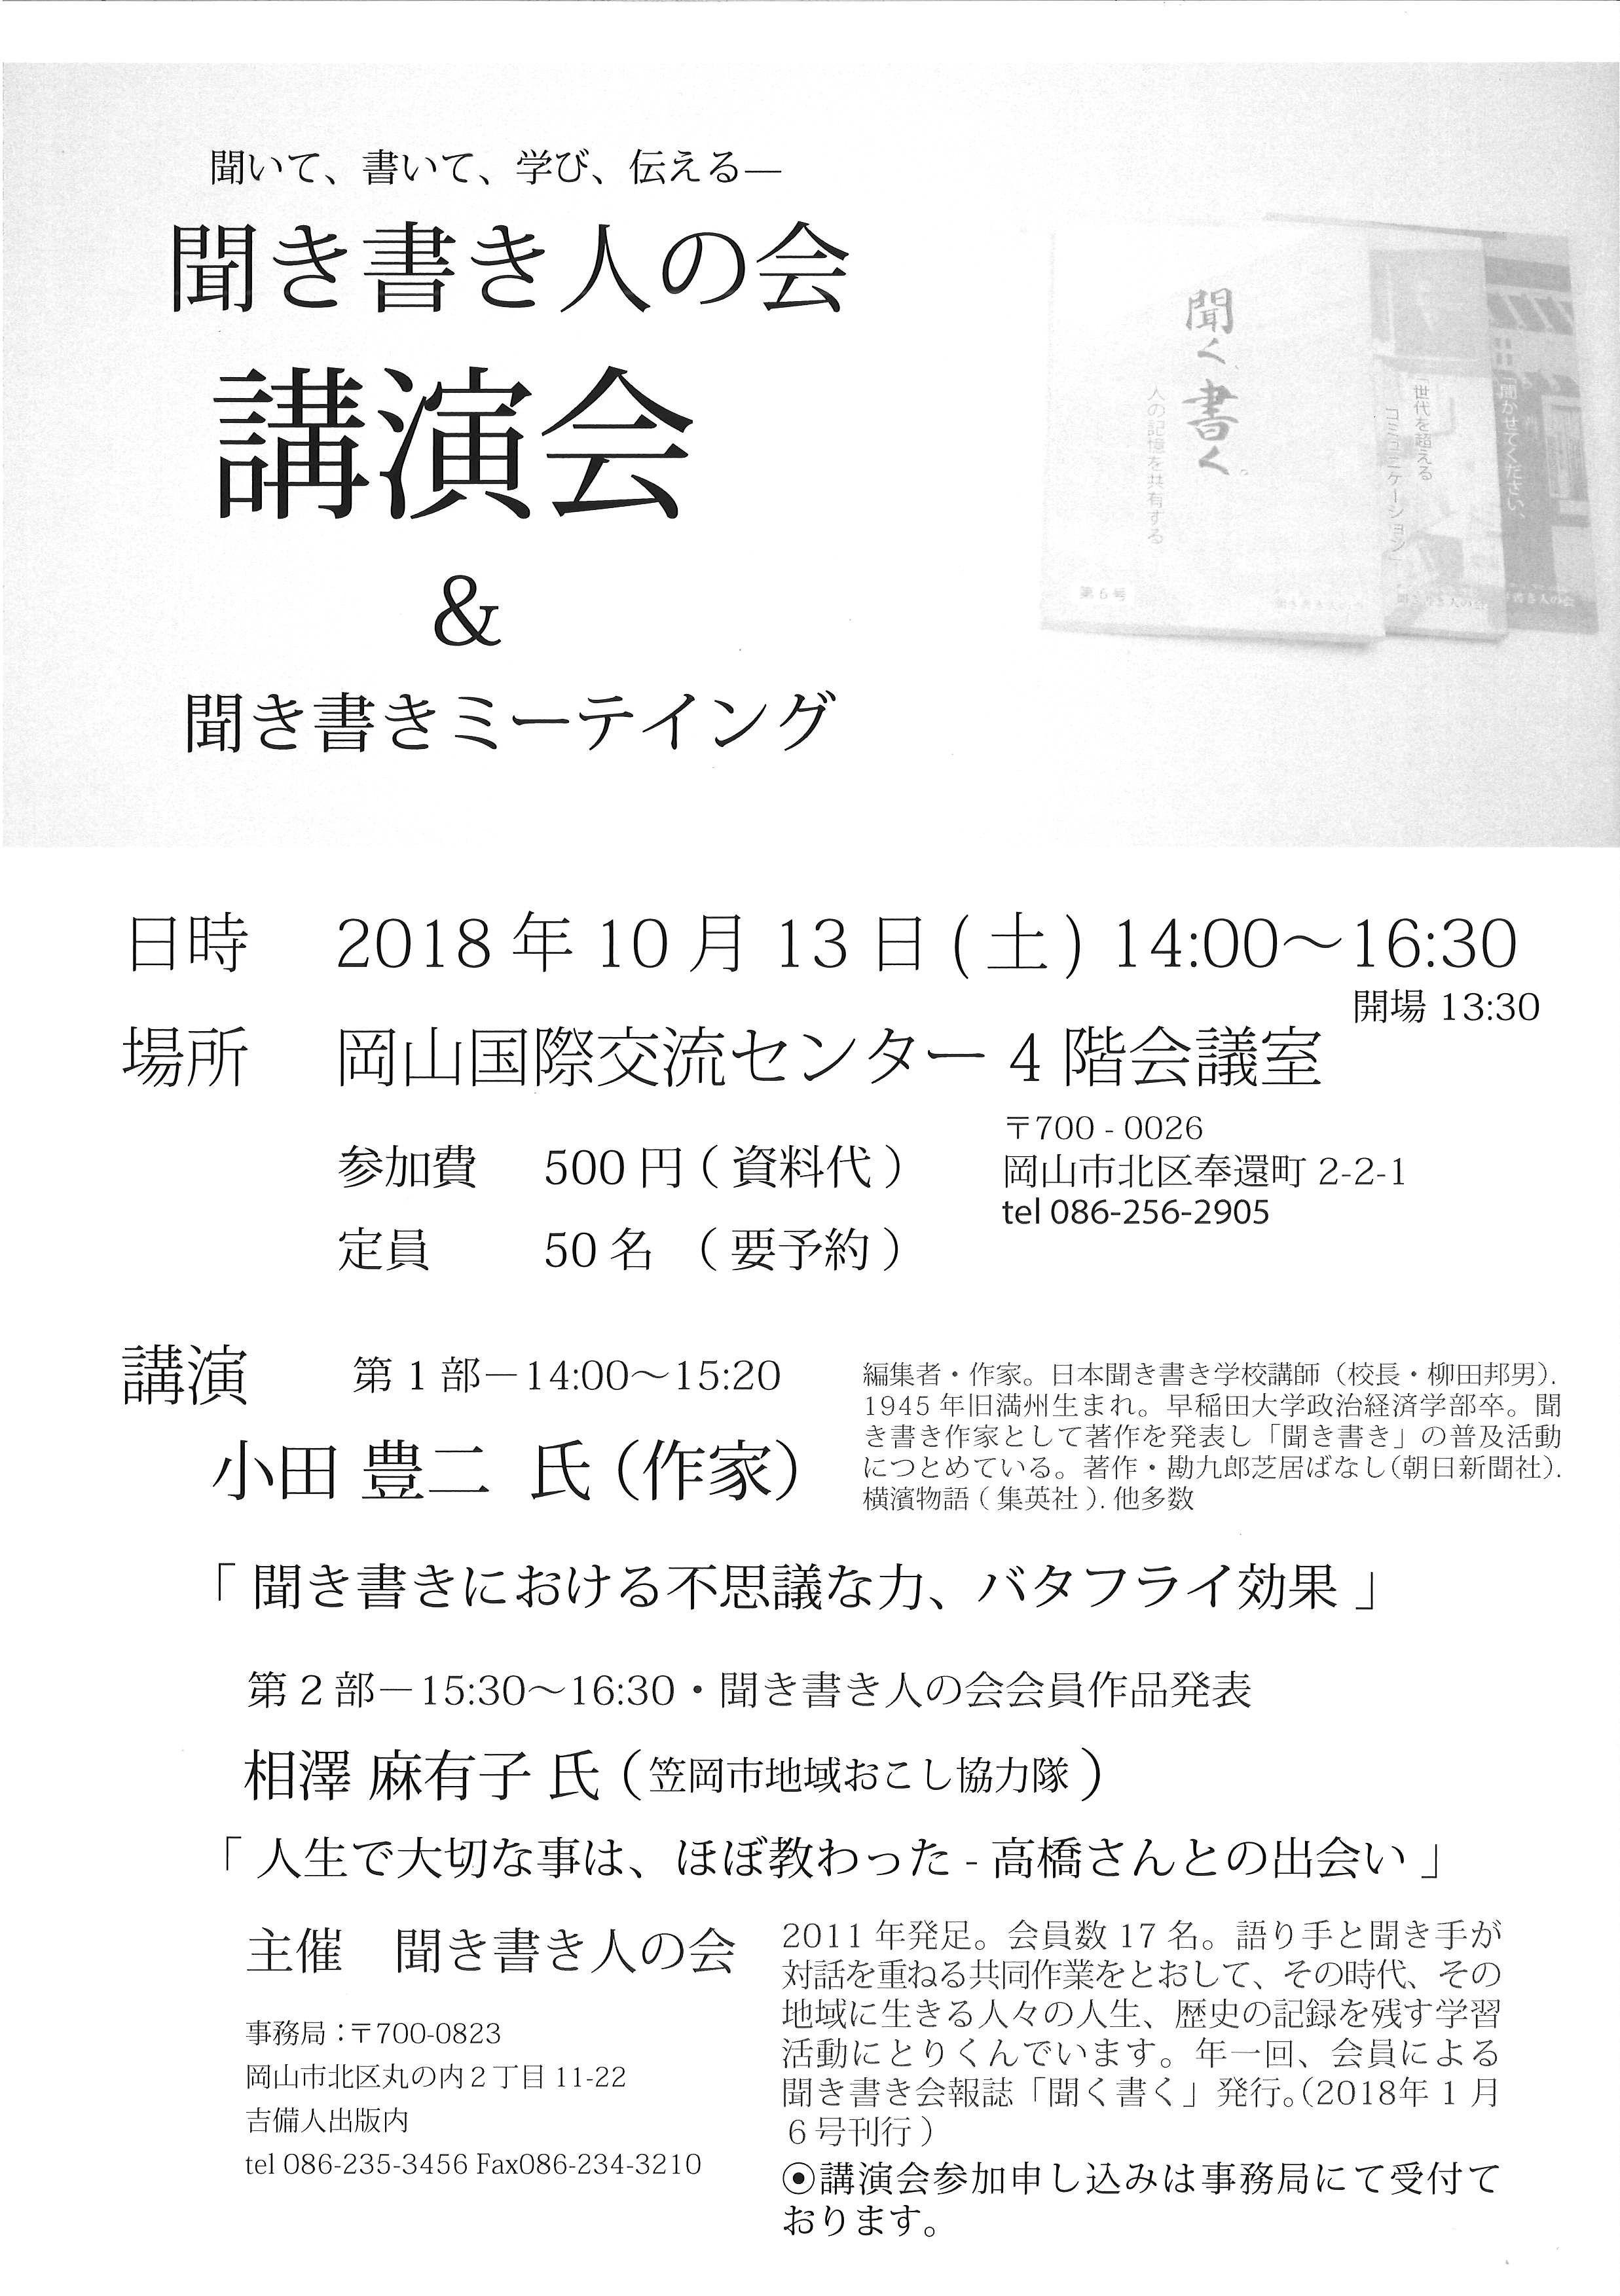 聞き書き人の会では、10月13日(土)午後2時から岡山国際交流センターで「講演会&聞き書きミーティング」を開きます。